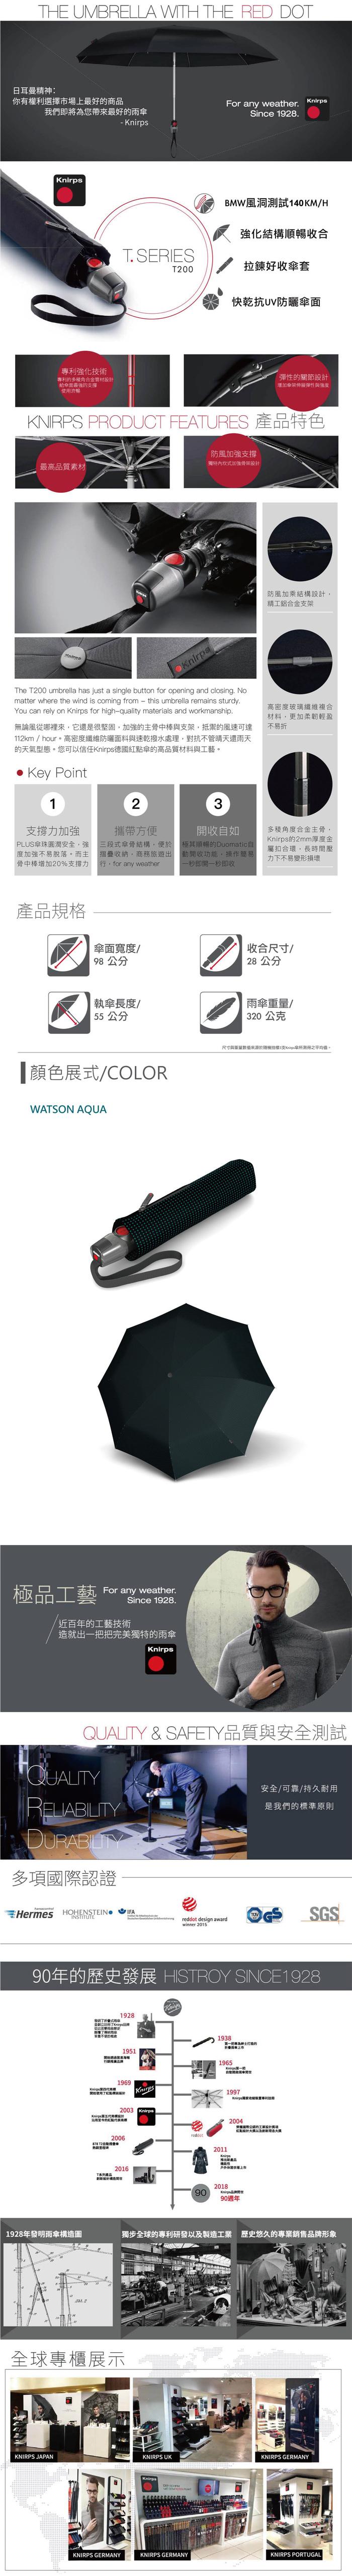 (複製)Knirps德國紅點傘|T.200 自動開收傘- Perfection black